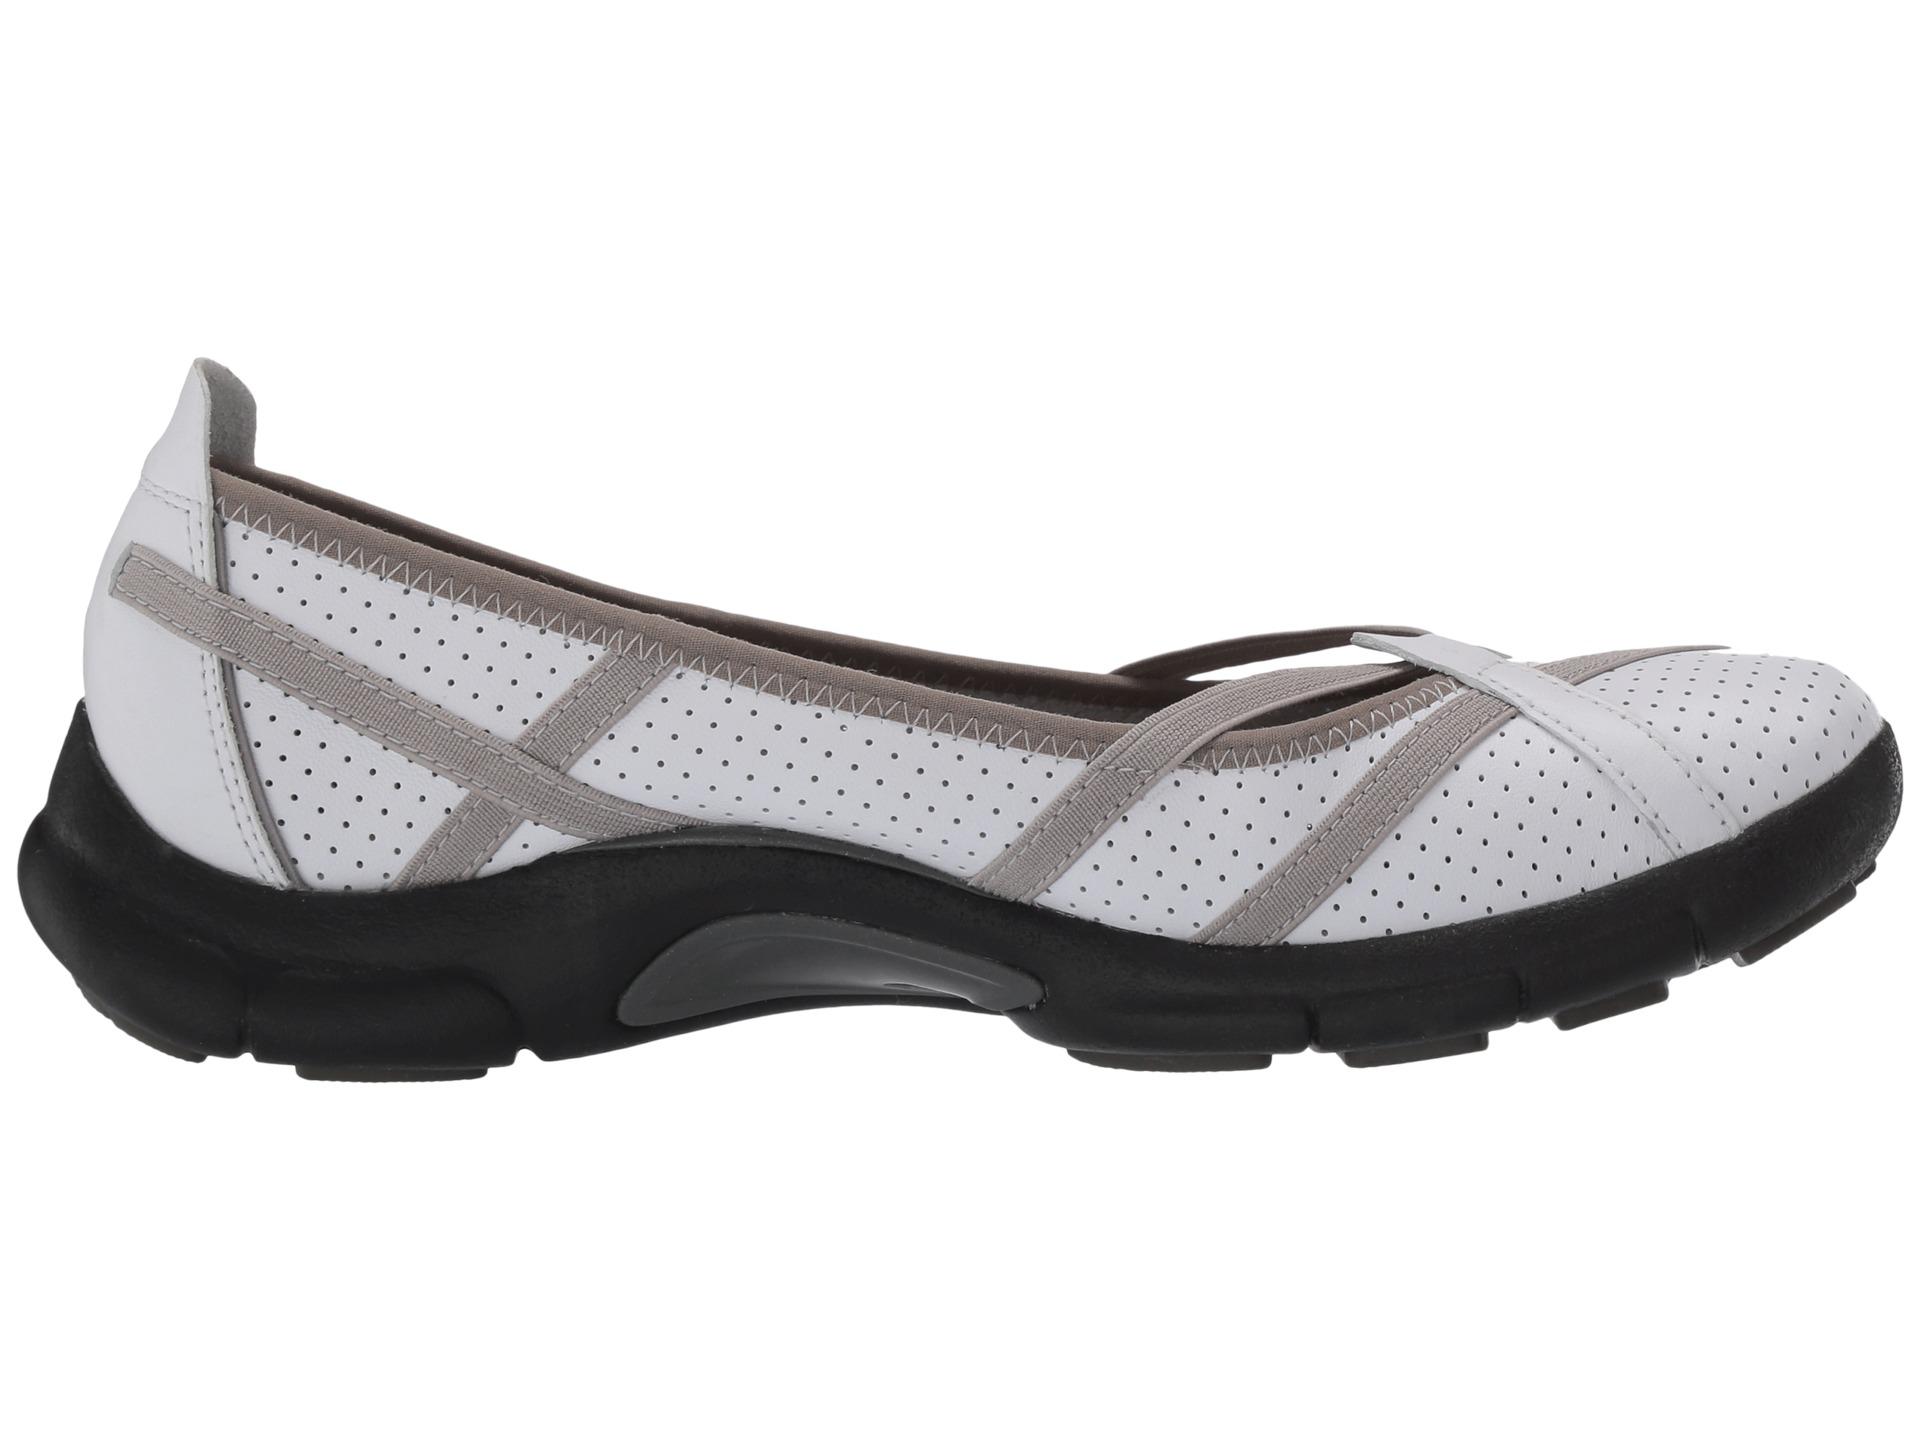 Cheap Ladies Clarks Shoes